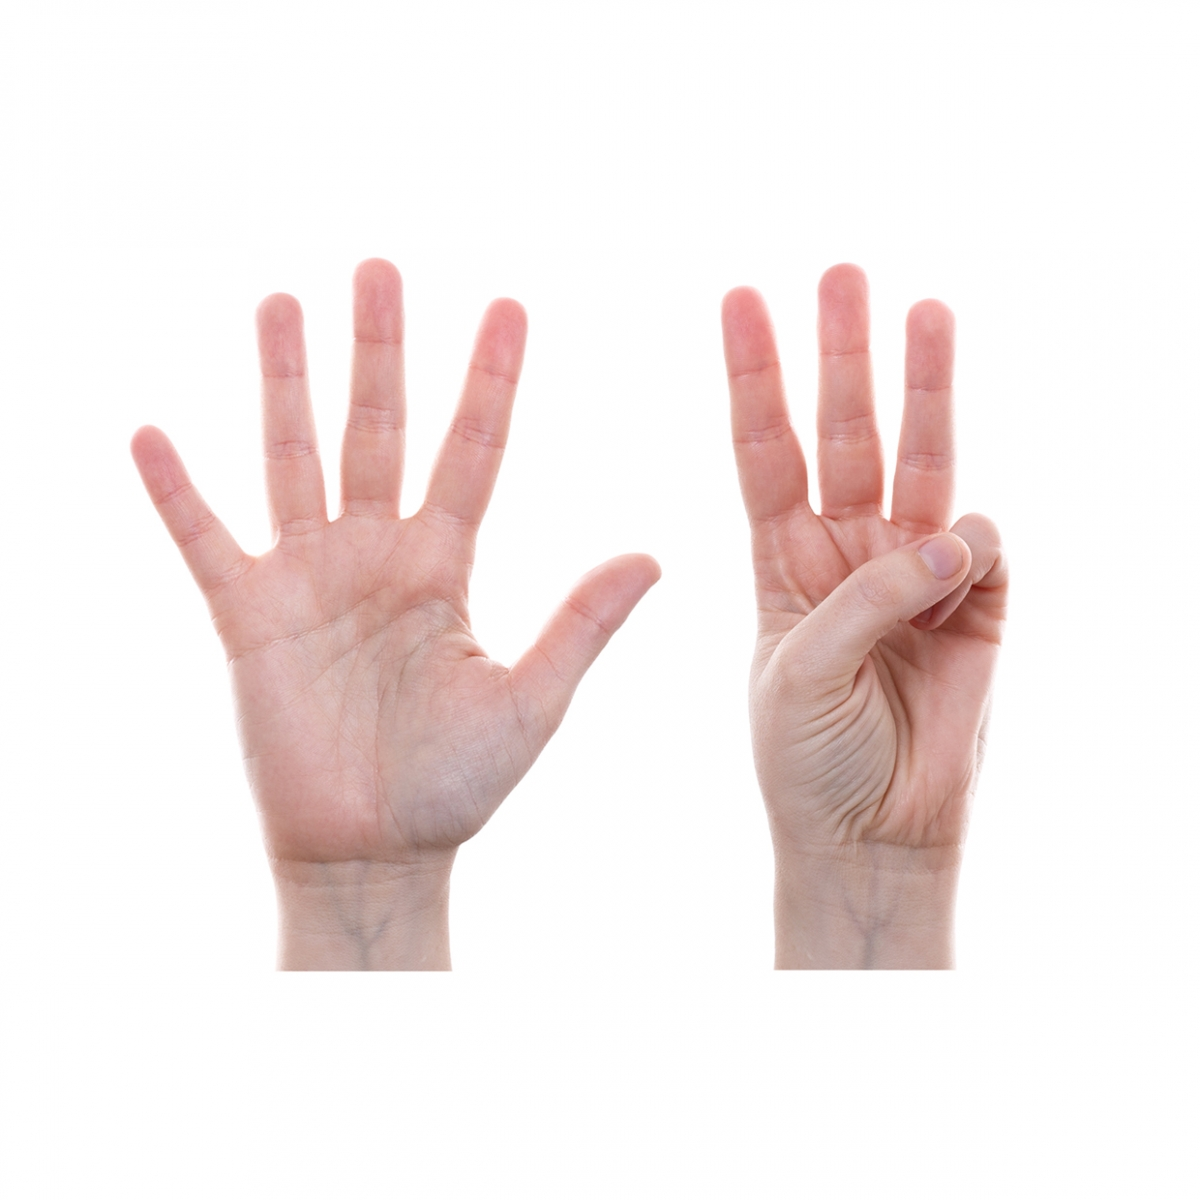 Imagen en la que se representa el número ocho